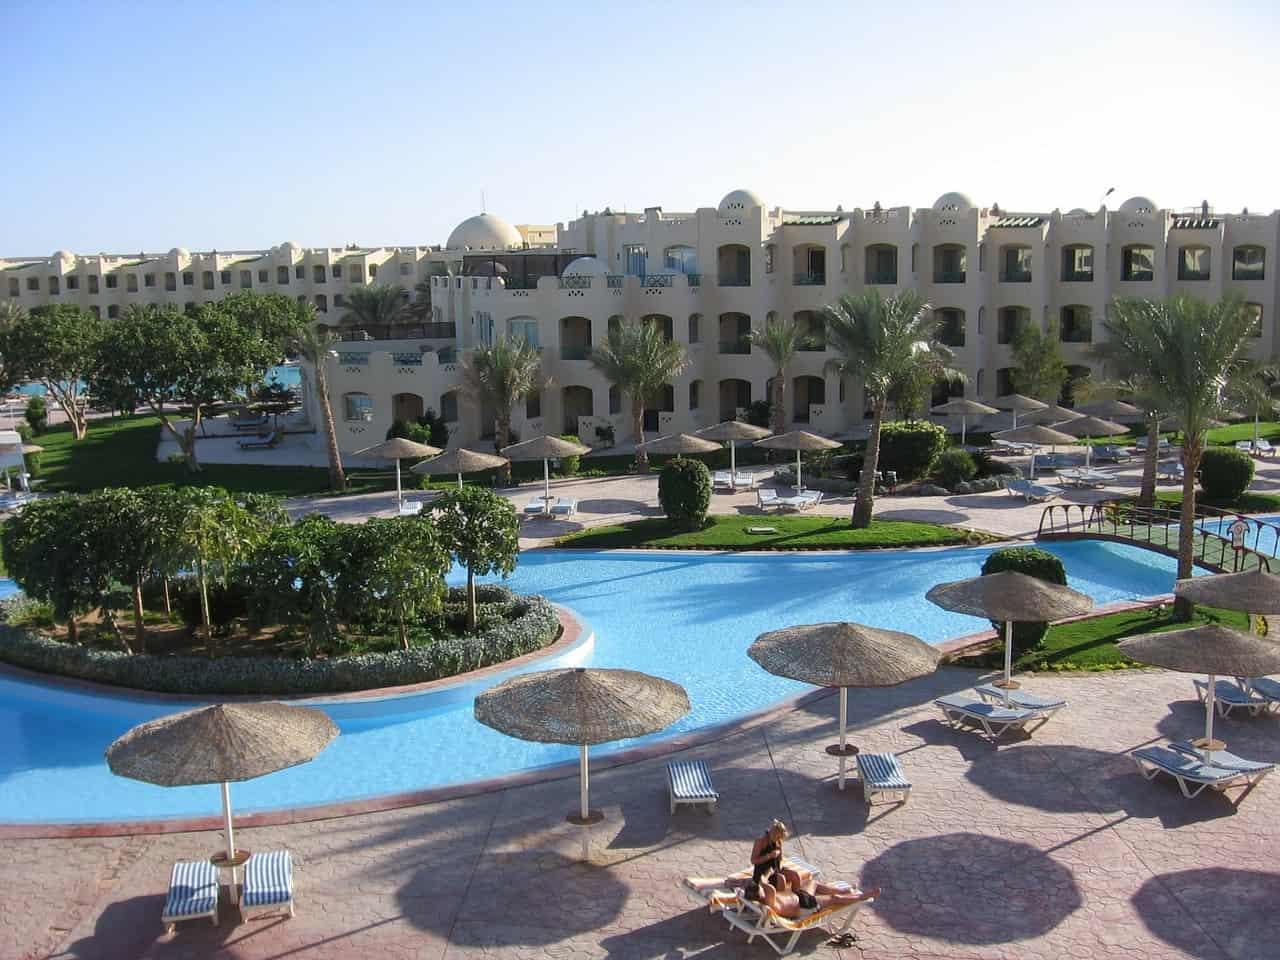 Menaville Resort - Port Safaga nur 191,00€ 9 Nächte Pauschalreise